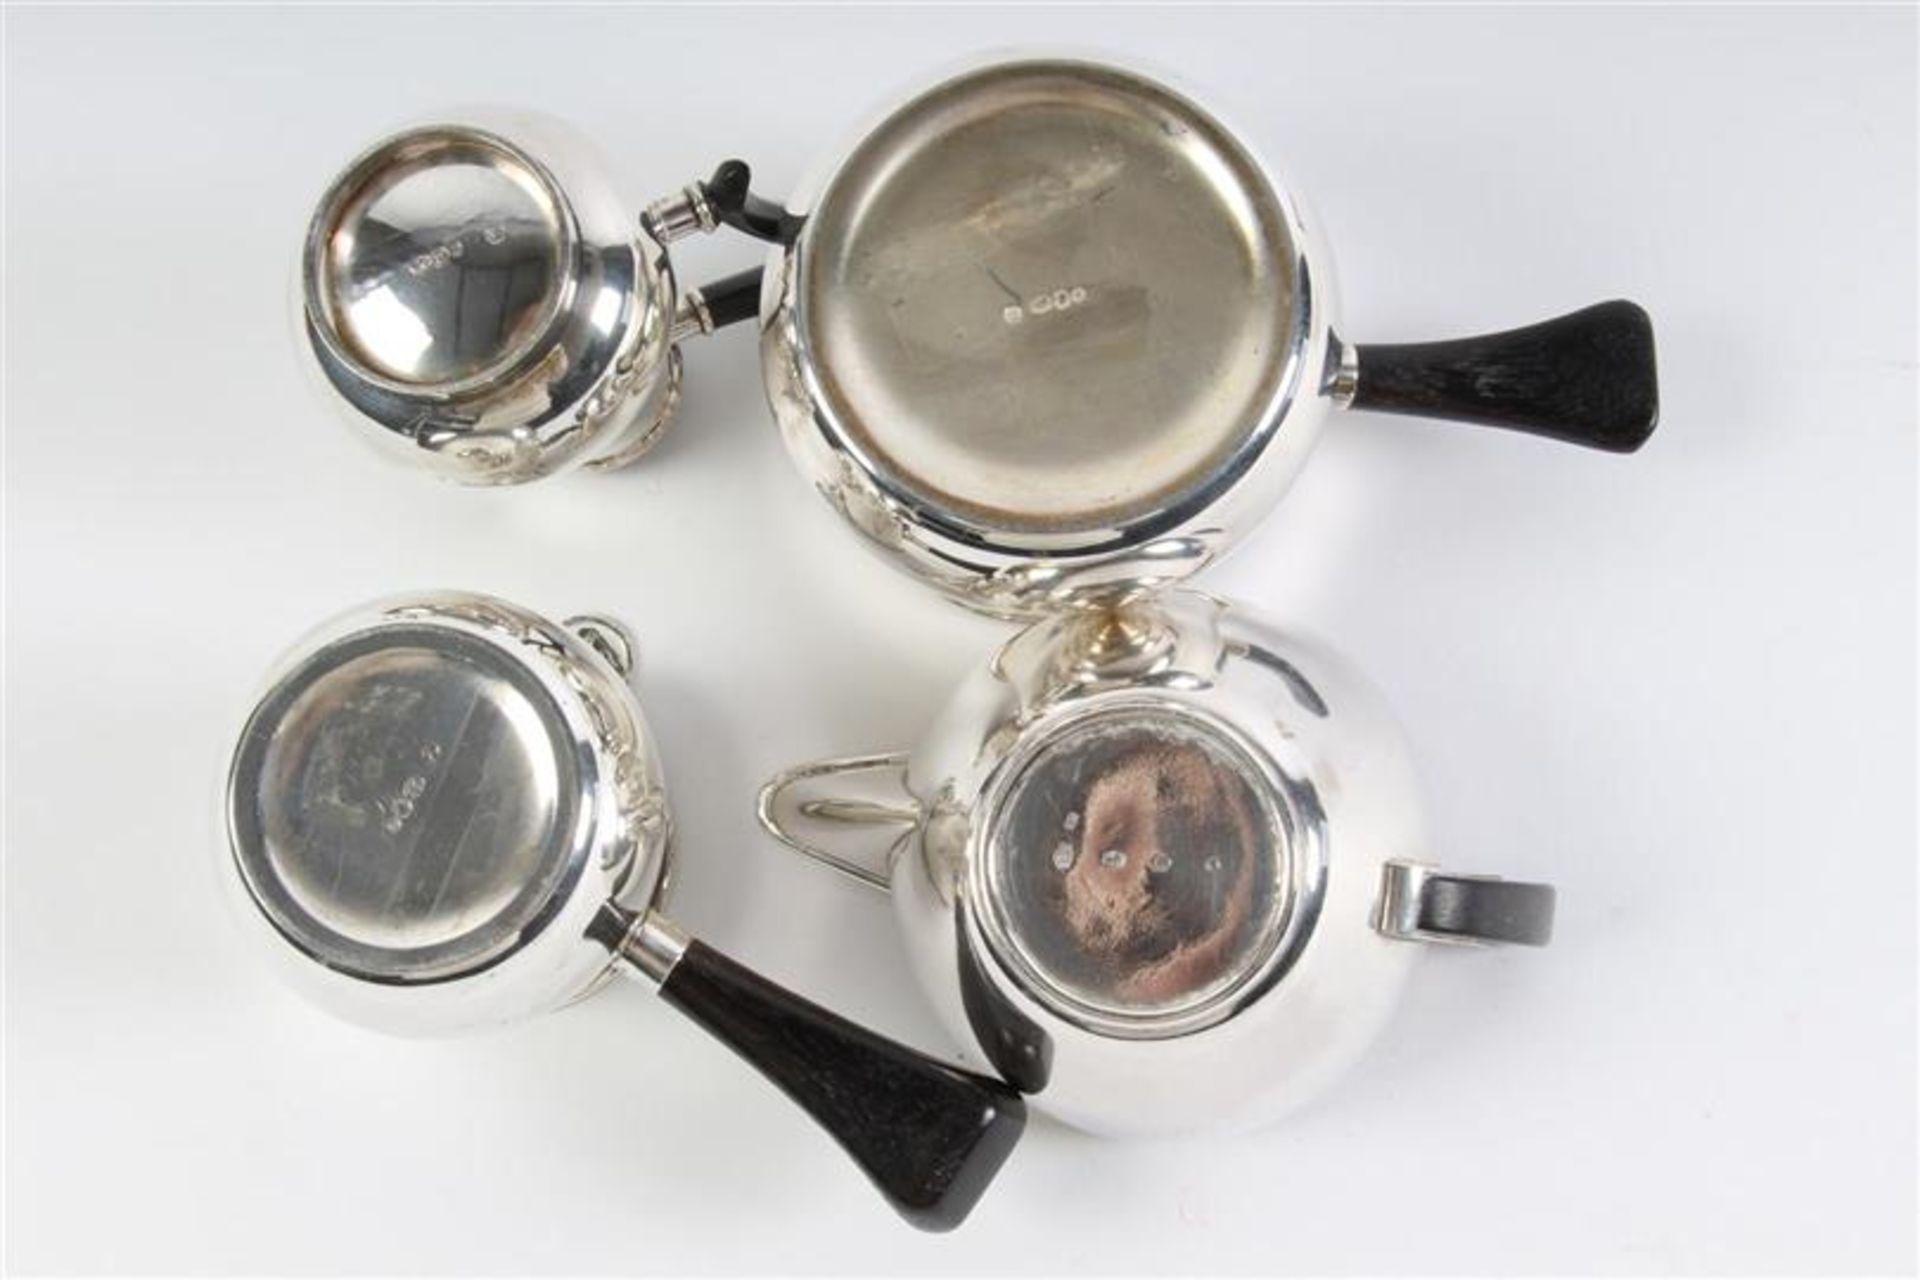 Vier zilveren mokka- en roomkannetjes, Holland, 20e eeuw. - Bild 3 aus 3